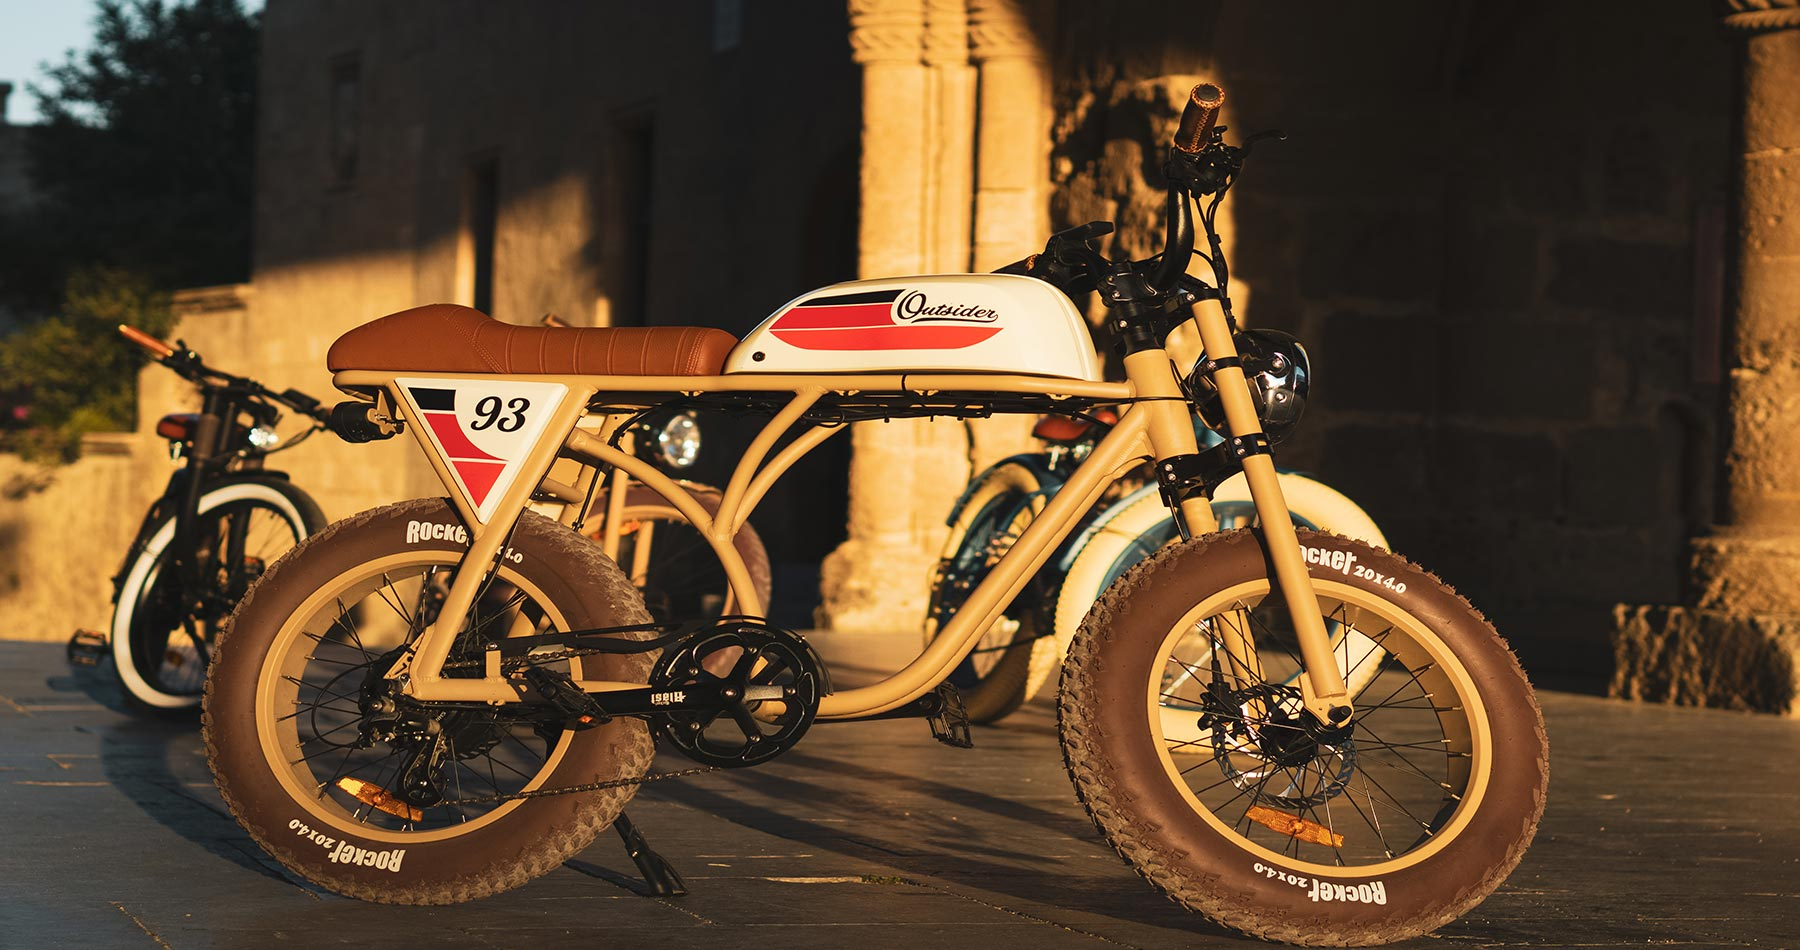 rhodes experiences odix retro bikes 3